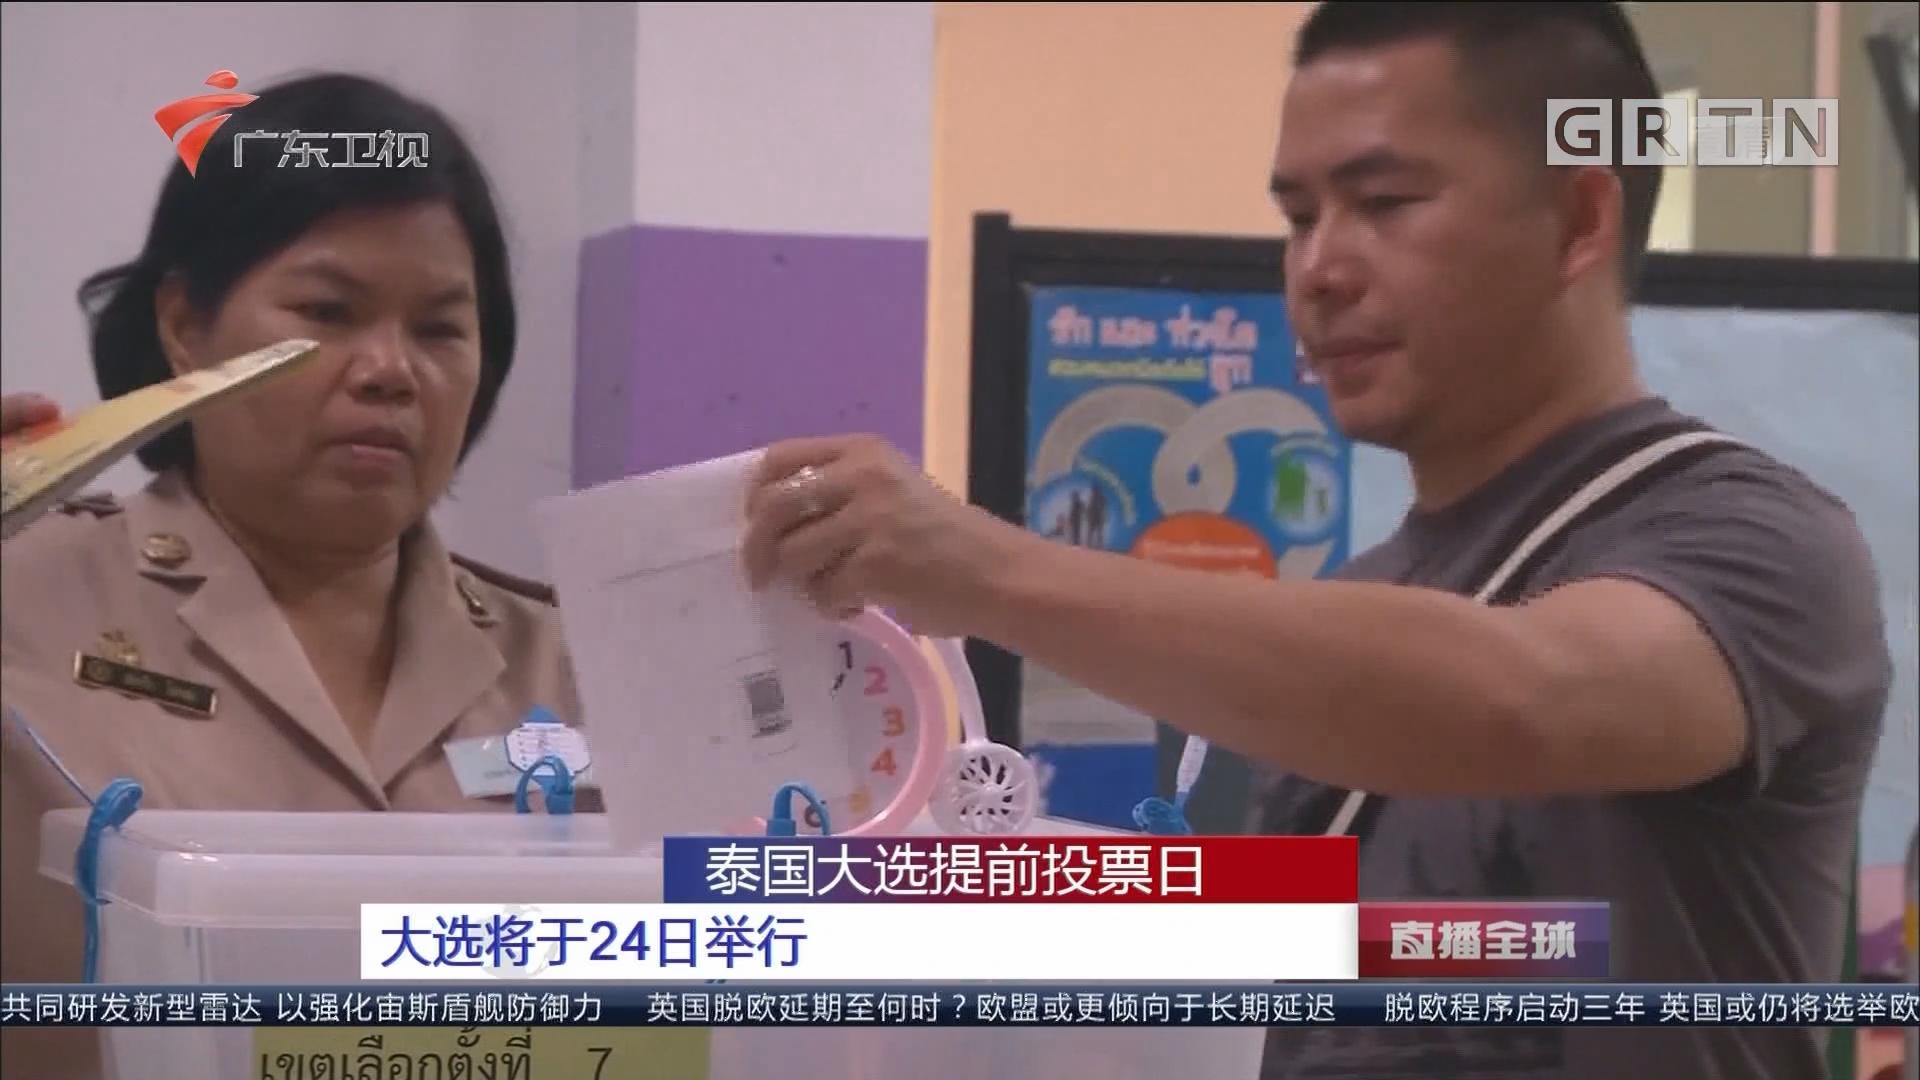 泰国大选提前投票日:大选将于24日举行